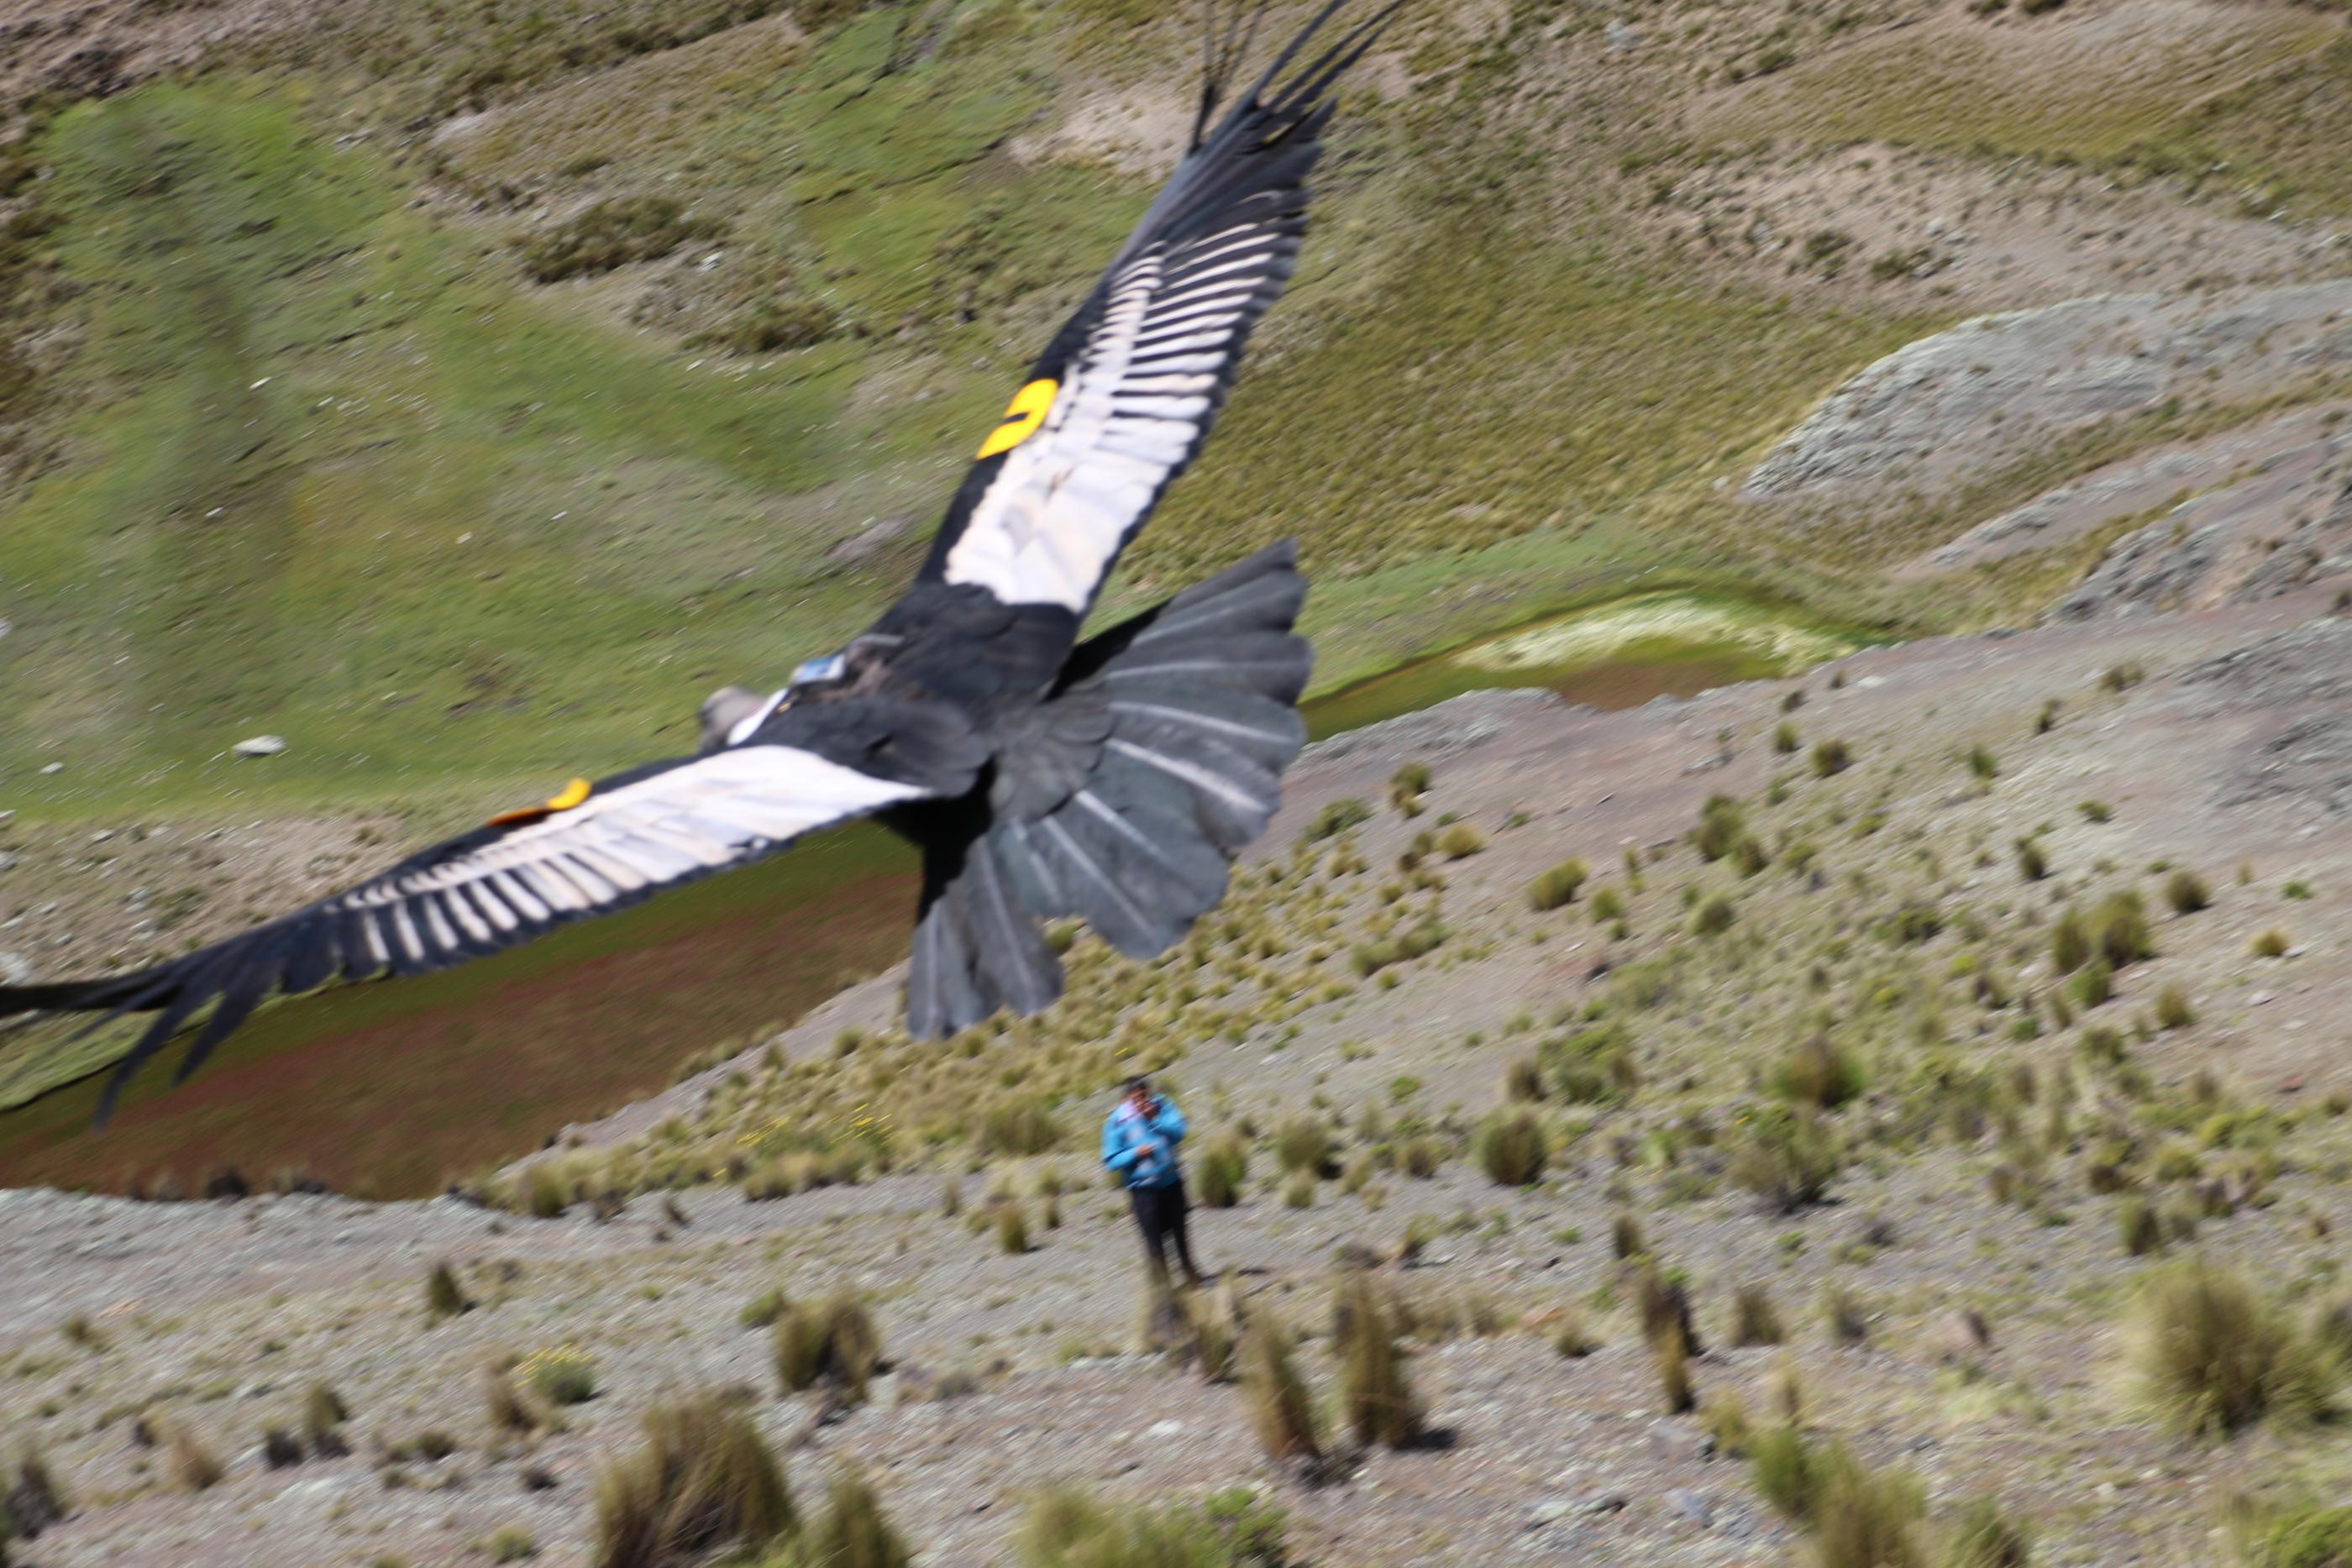 El 8 de marzo, Palca alzó vuelo en los Andes de Bolivia. Foto: Isabel Gómez.